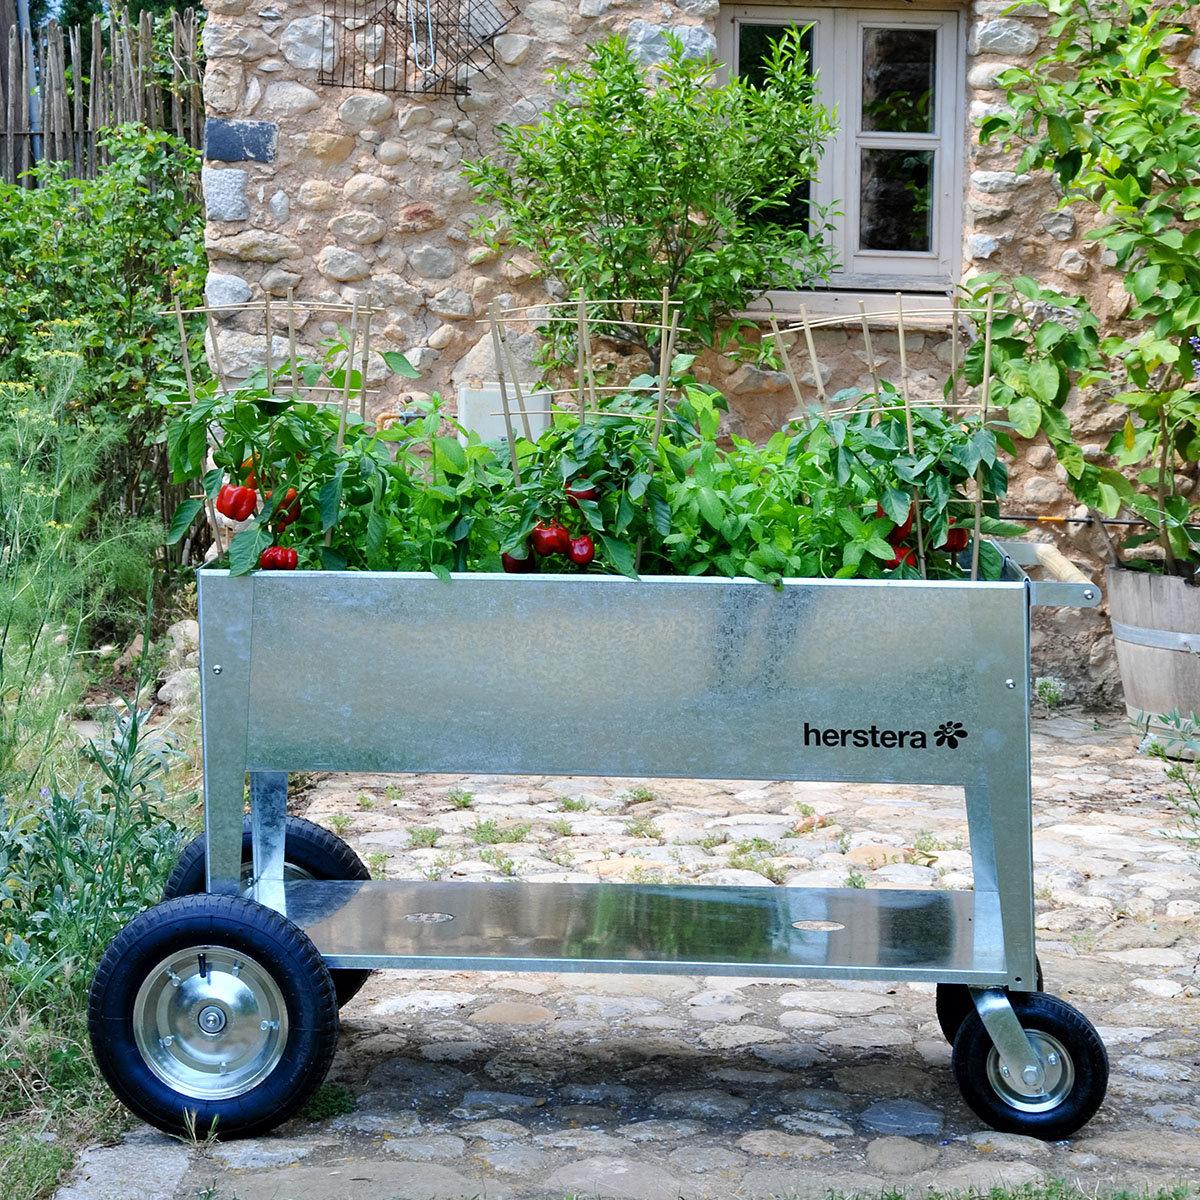 Herstera Hochbeet Garden Swivel, Silber, 120x60x80 Cm